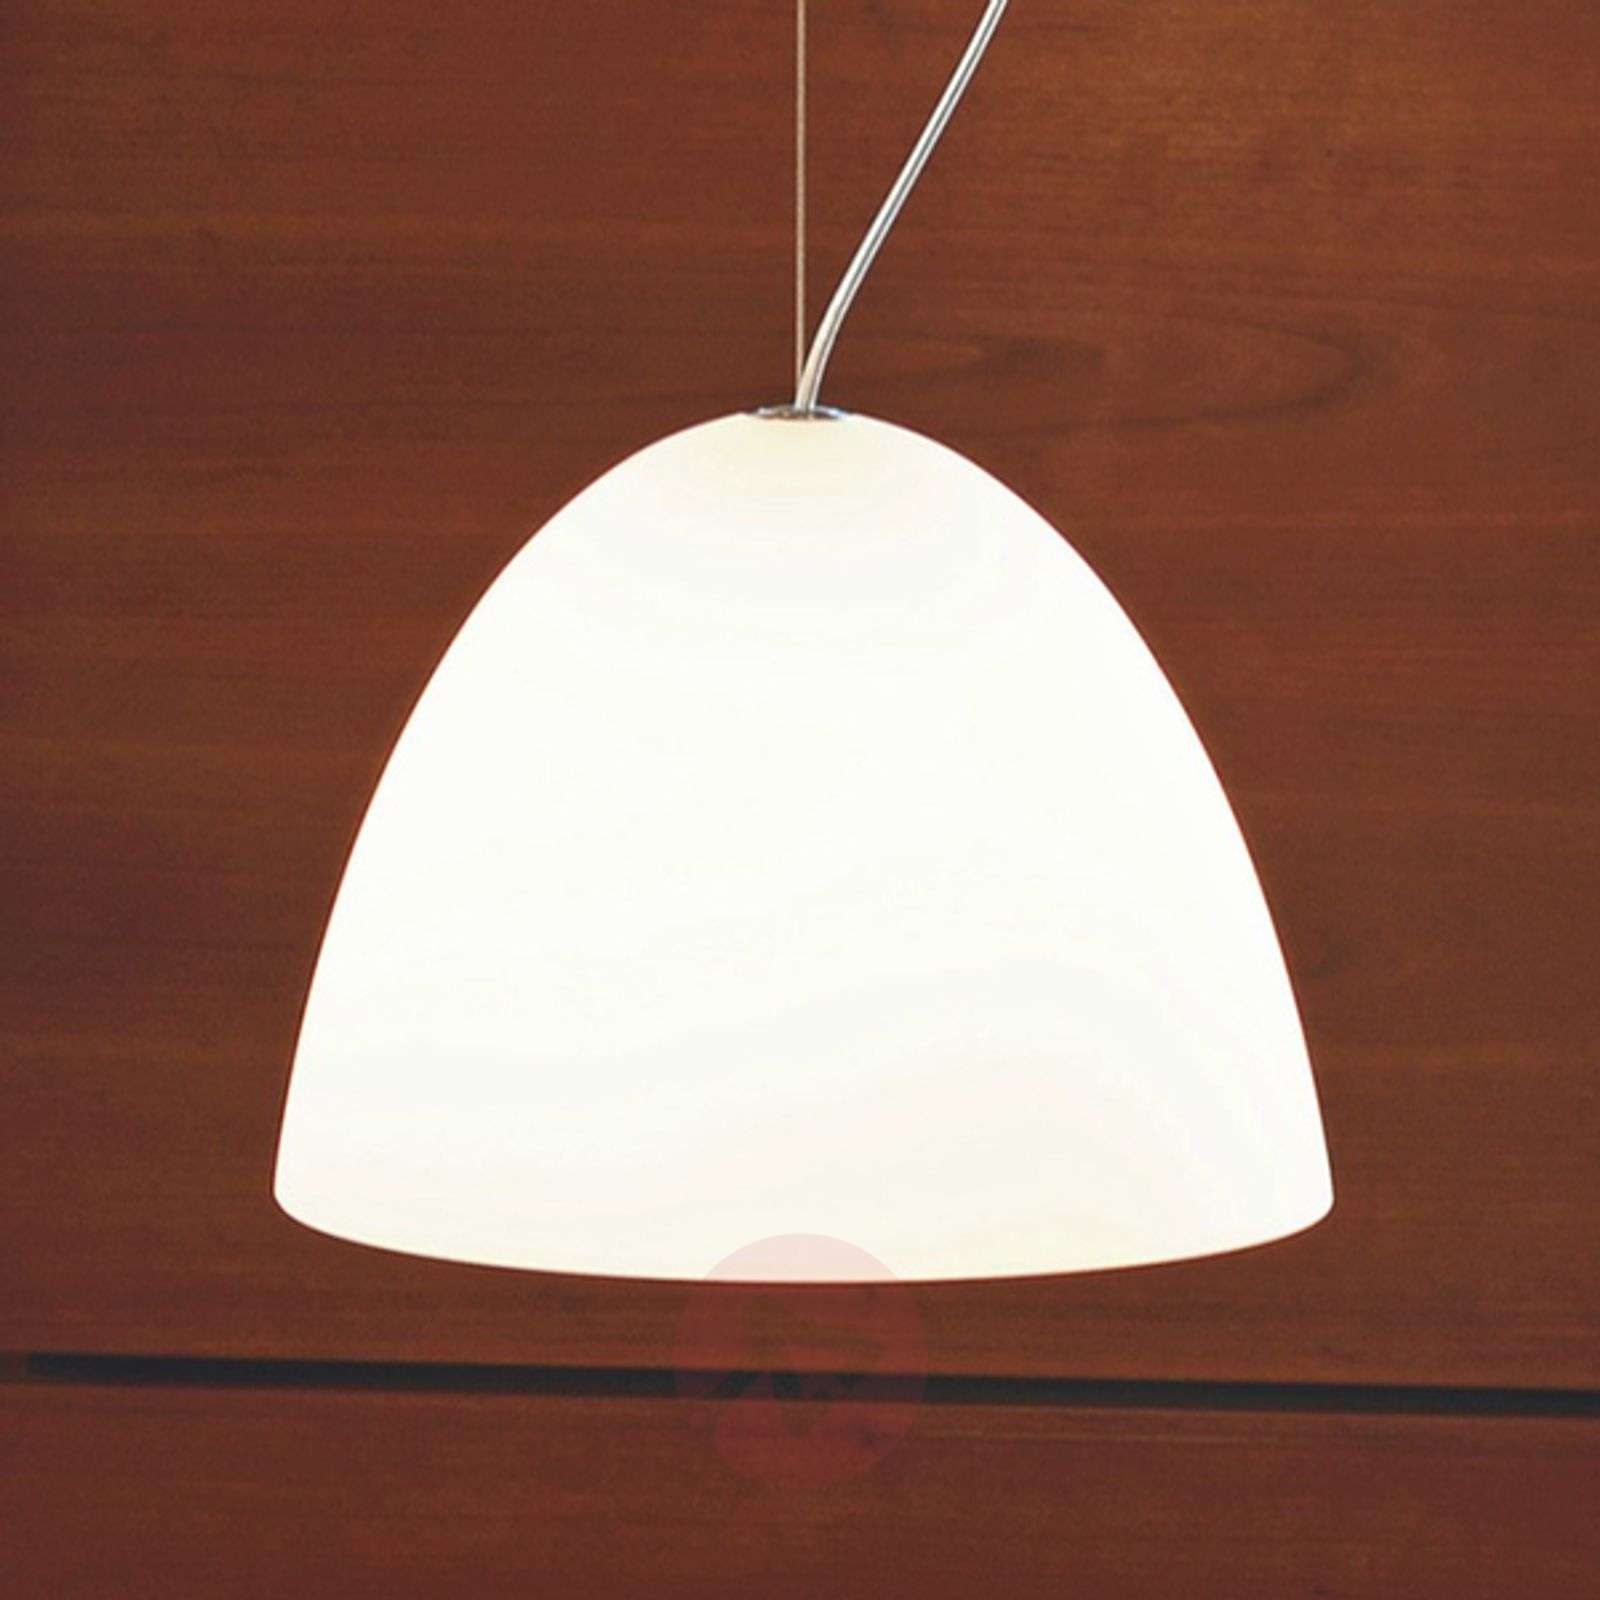 BELL-riippuvalaisin, 21 cm, yksilamppuinen-2000216-03